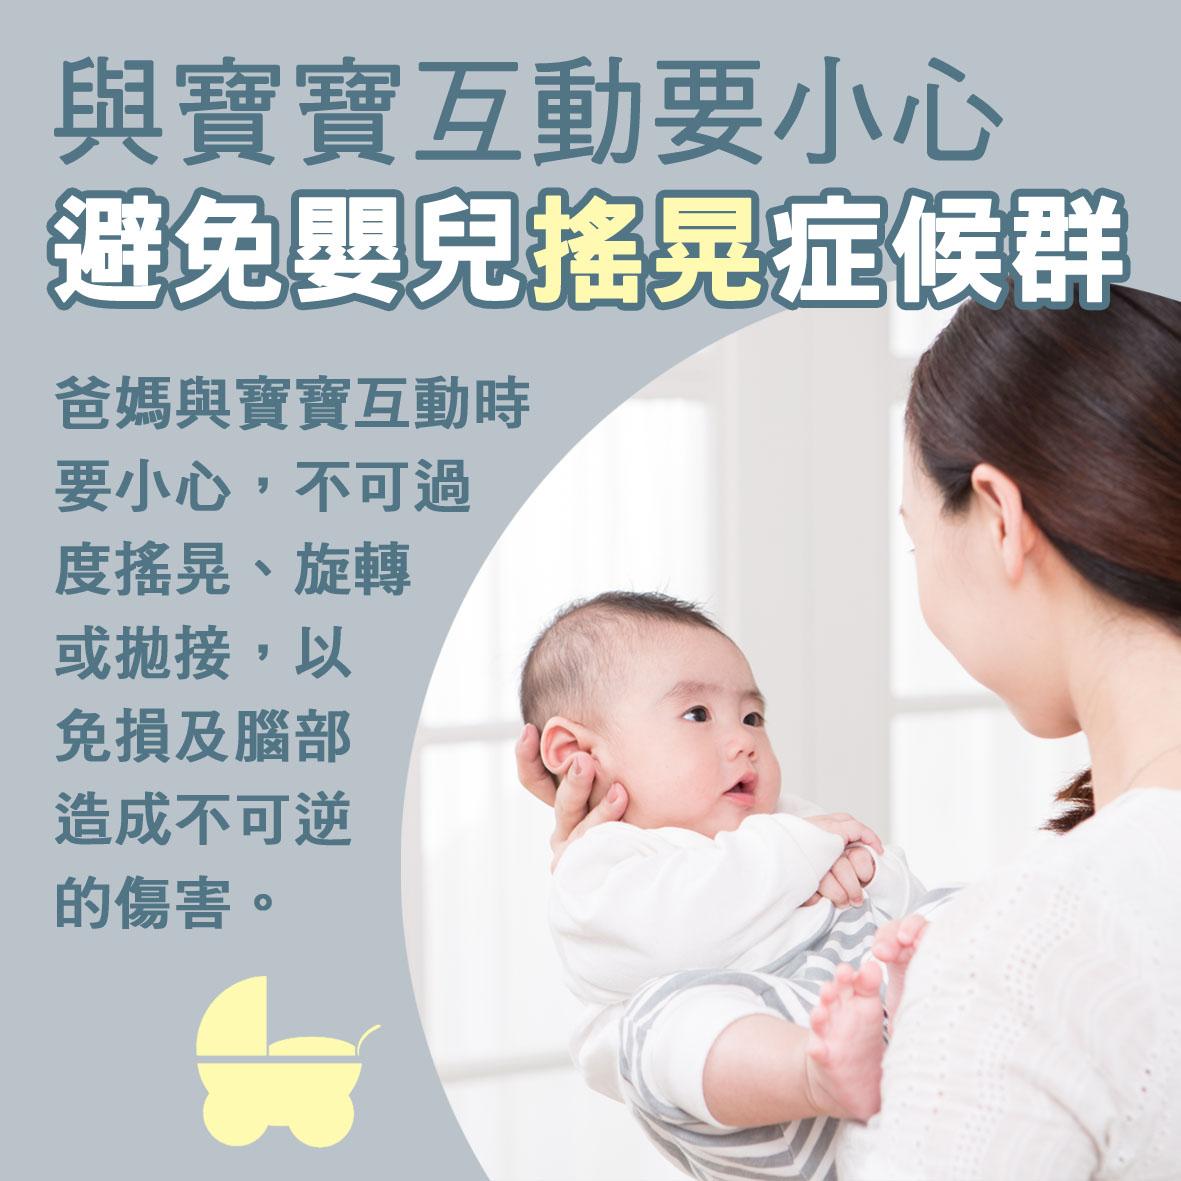 寶寶篇第10週-與寶寶互動要小心 避免嬰兒搖晃症候群